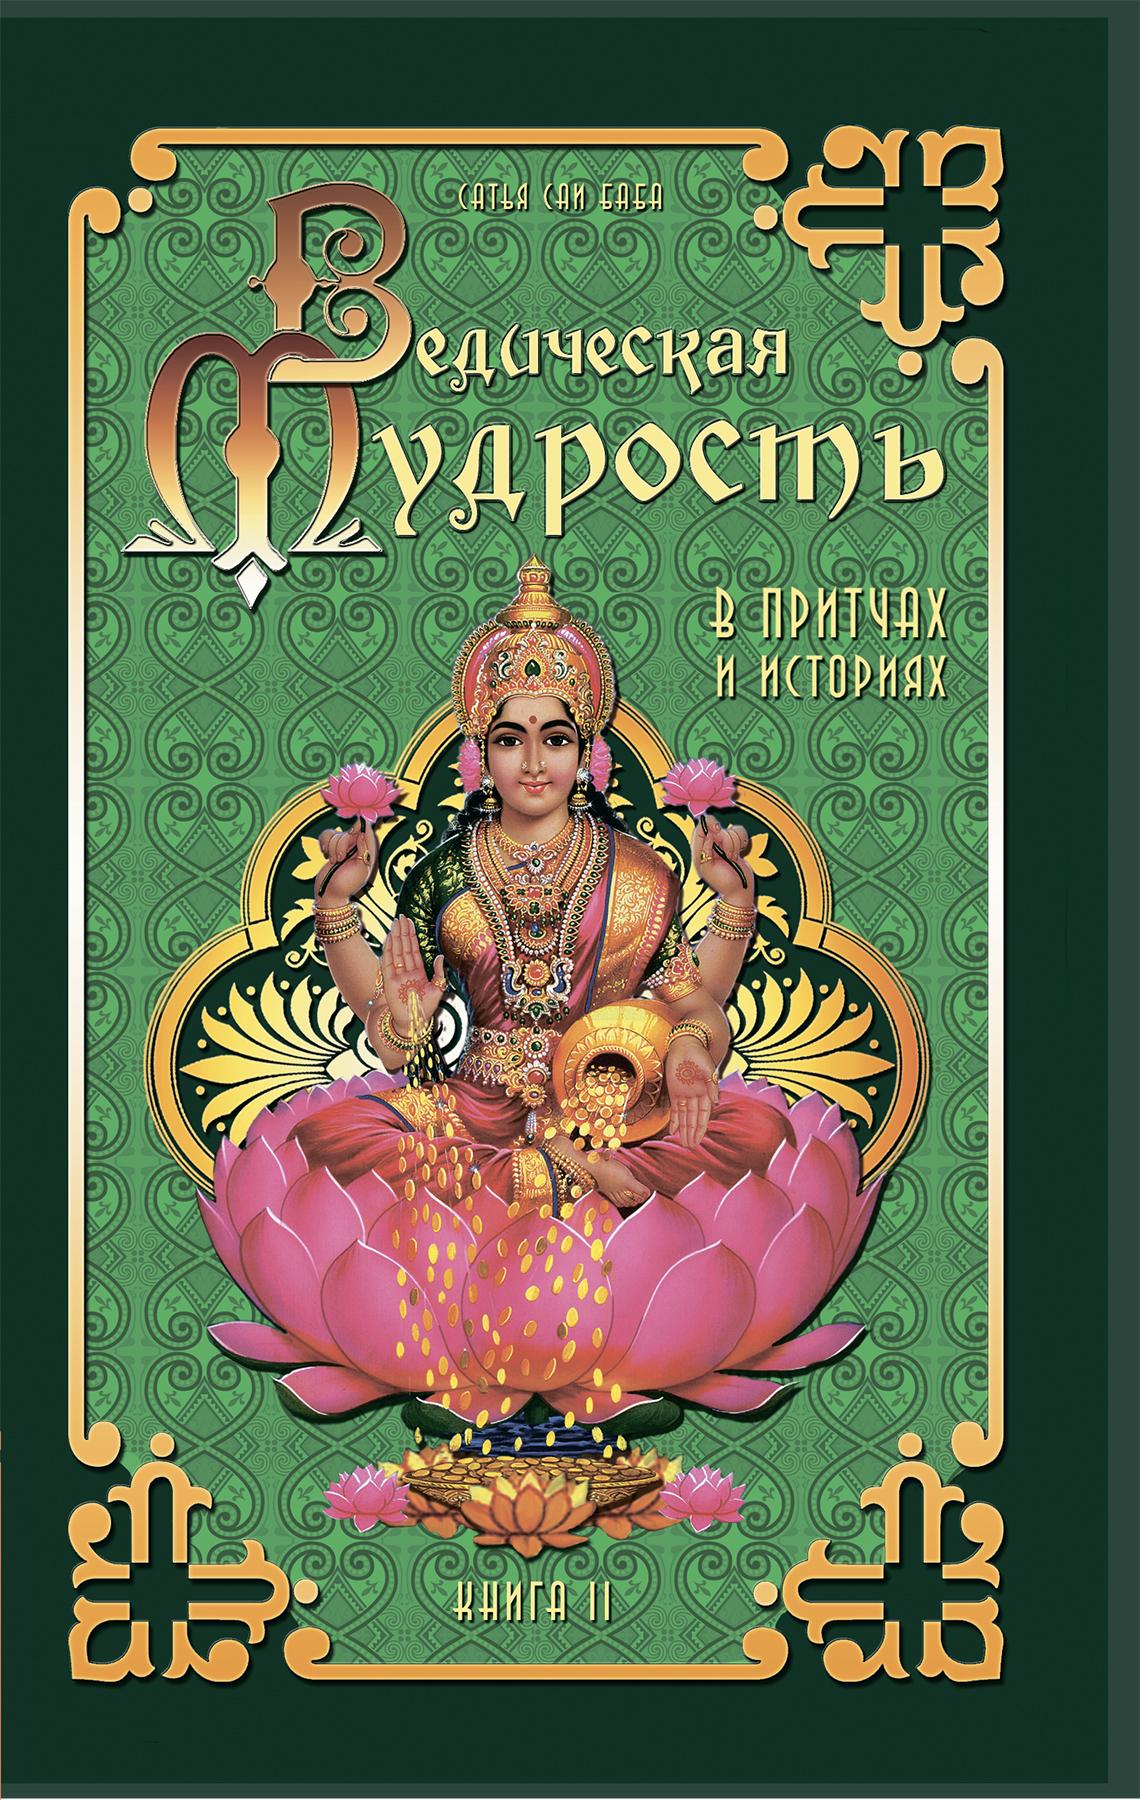 Шри Сатья Саи Баба Бхагаван Ведическая мудрость в притчах и историях. Книга 2 сатья ведическая кухня питание в благости